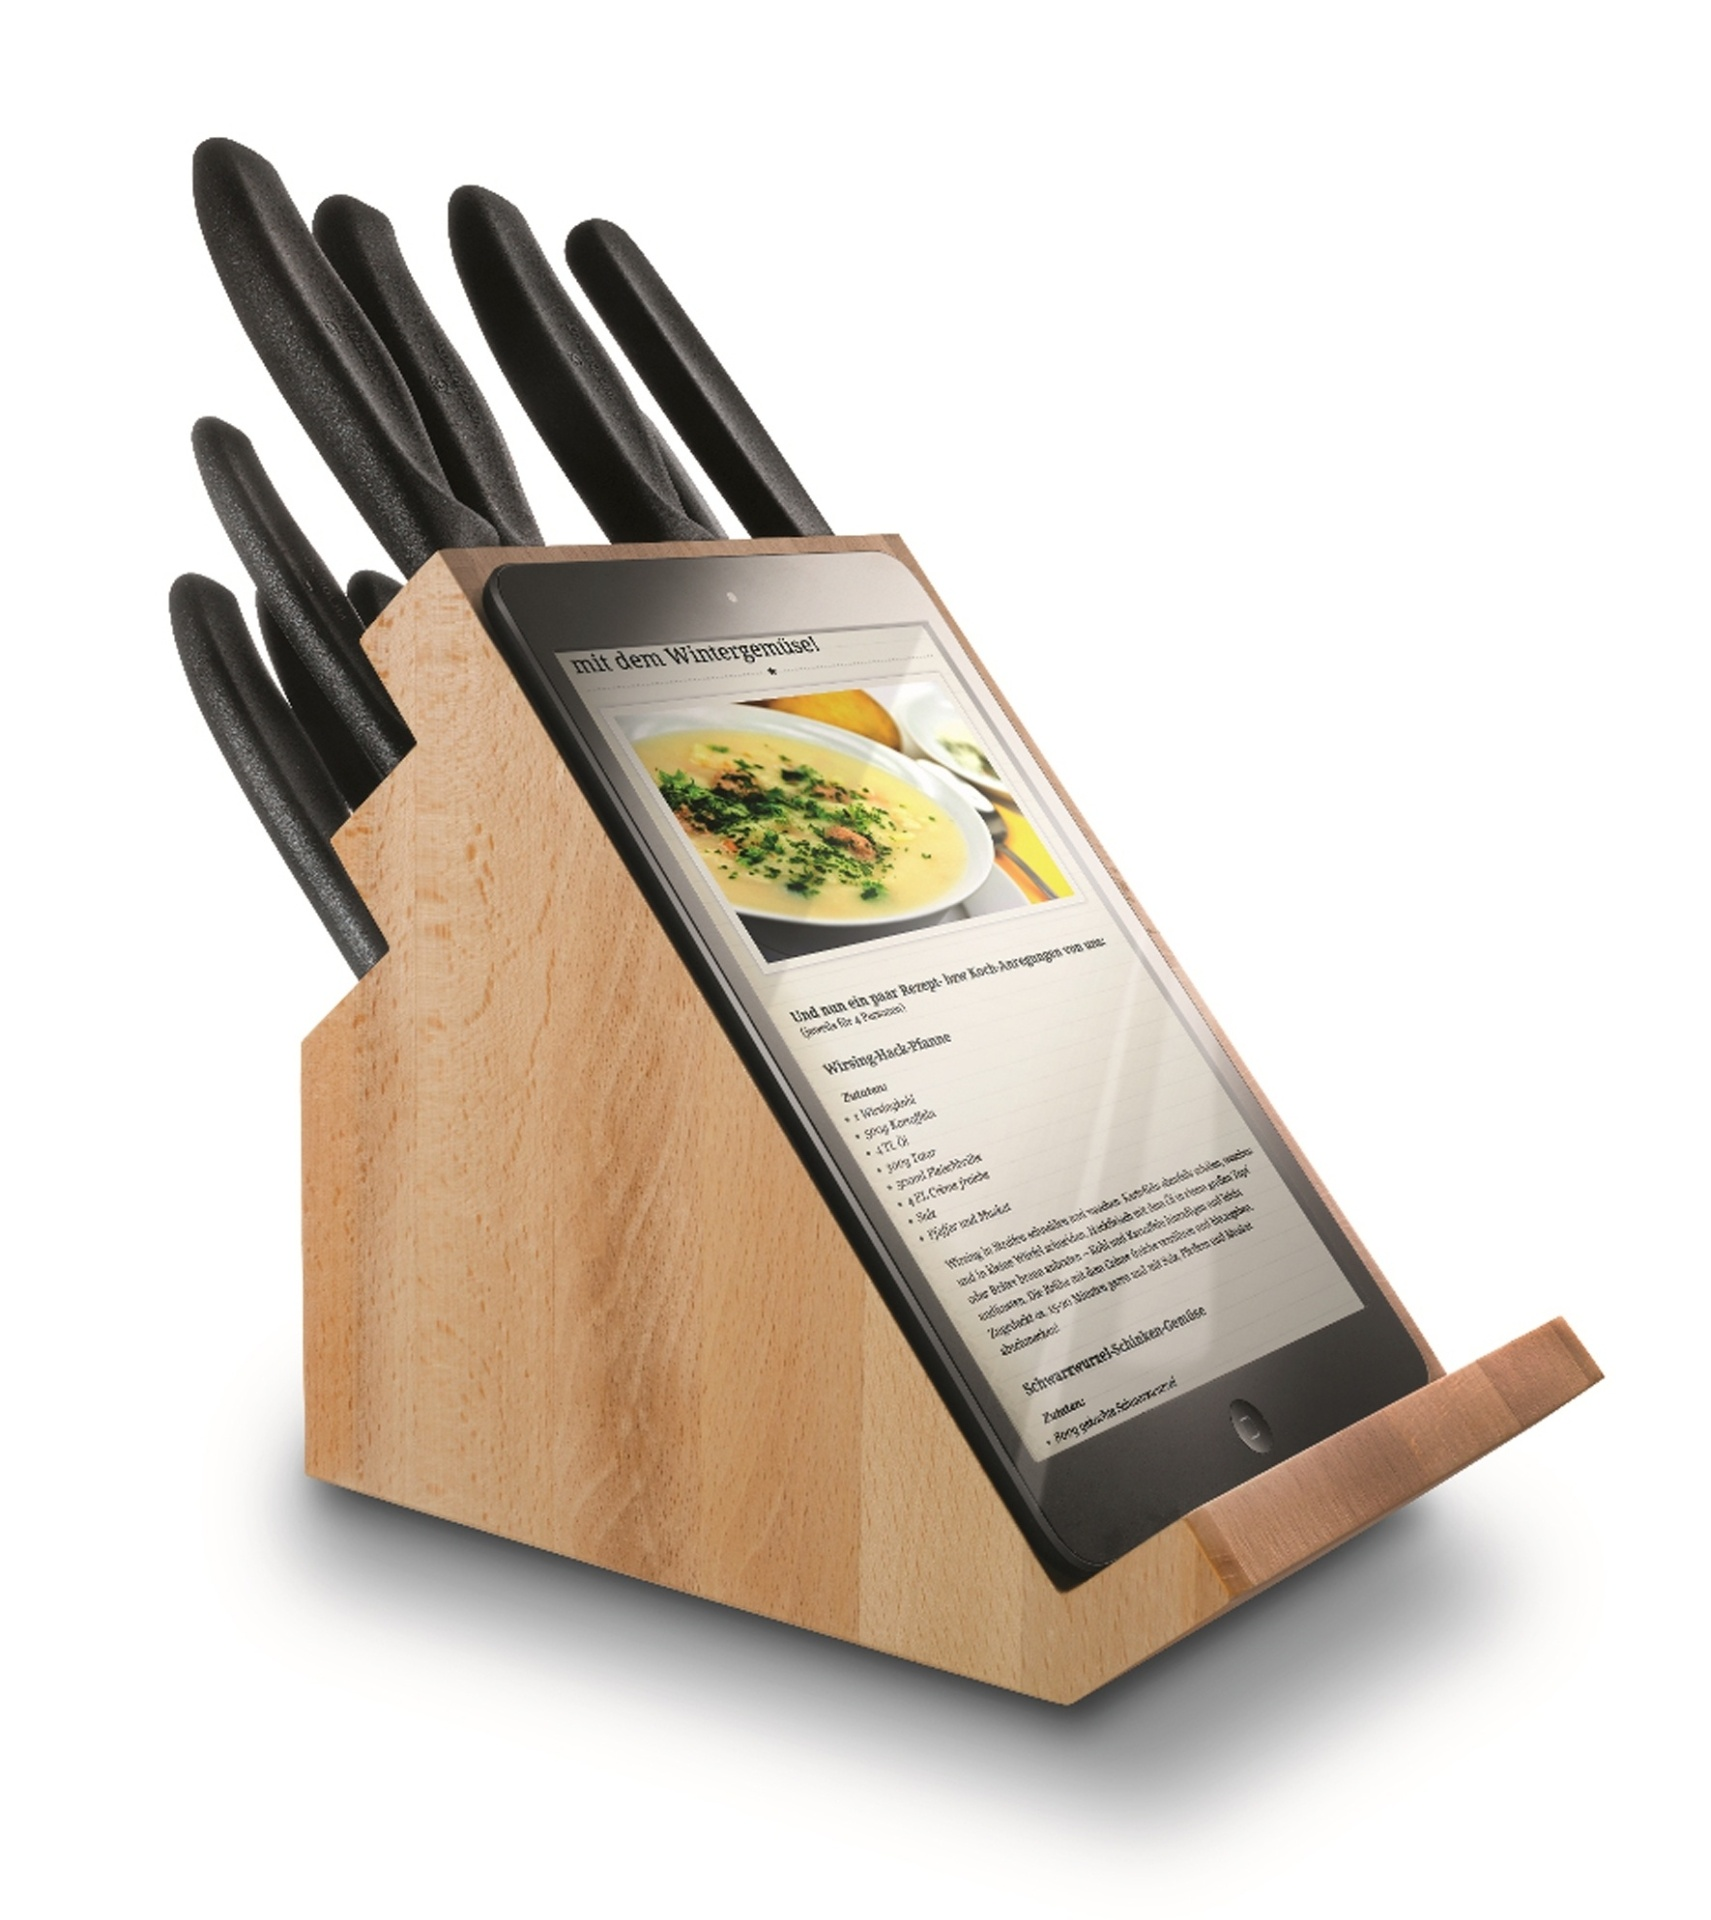 O cepo de facas, da Victorinox (www.victorinox.com.br), tem um suporte para o apoio do tablet ou de um livro de receitas na hora de cozinhar. Feito de madeira, o produto acompanha 12 peças entre facas, um garfo e um afiador, todos produzidos em aço inox. O valor sugerido é R$ 1.295 I Preços pesquisados em julho de 2014 e sujeitos a alterações